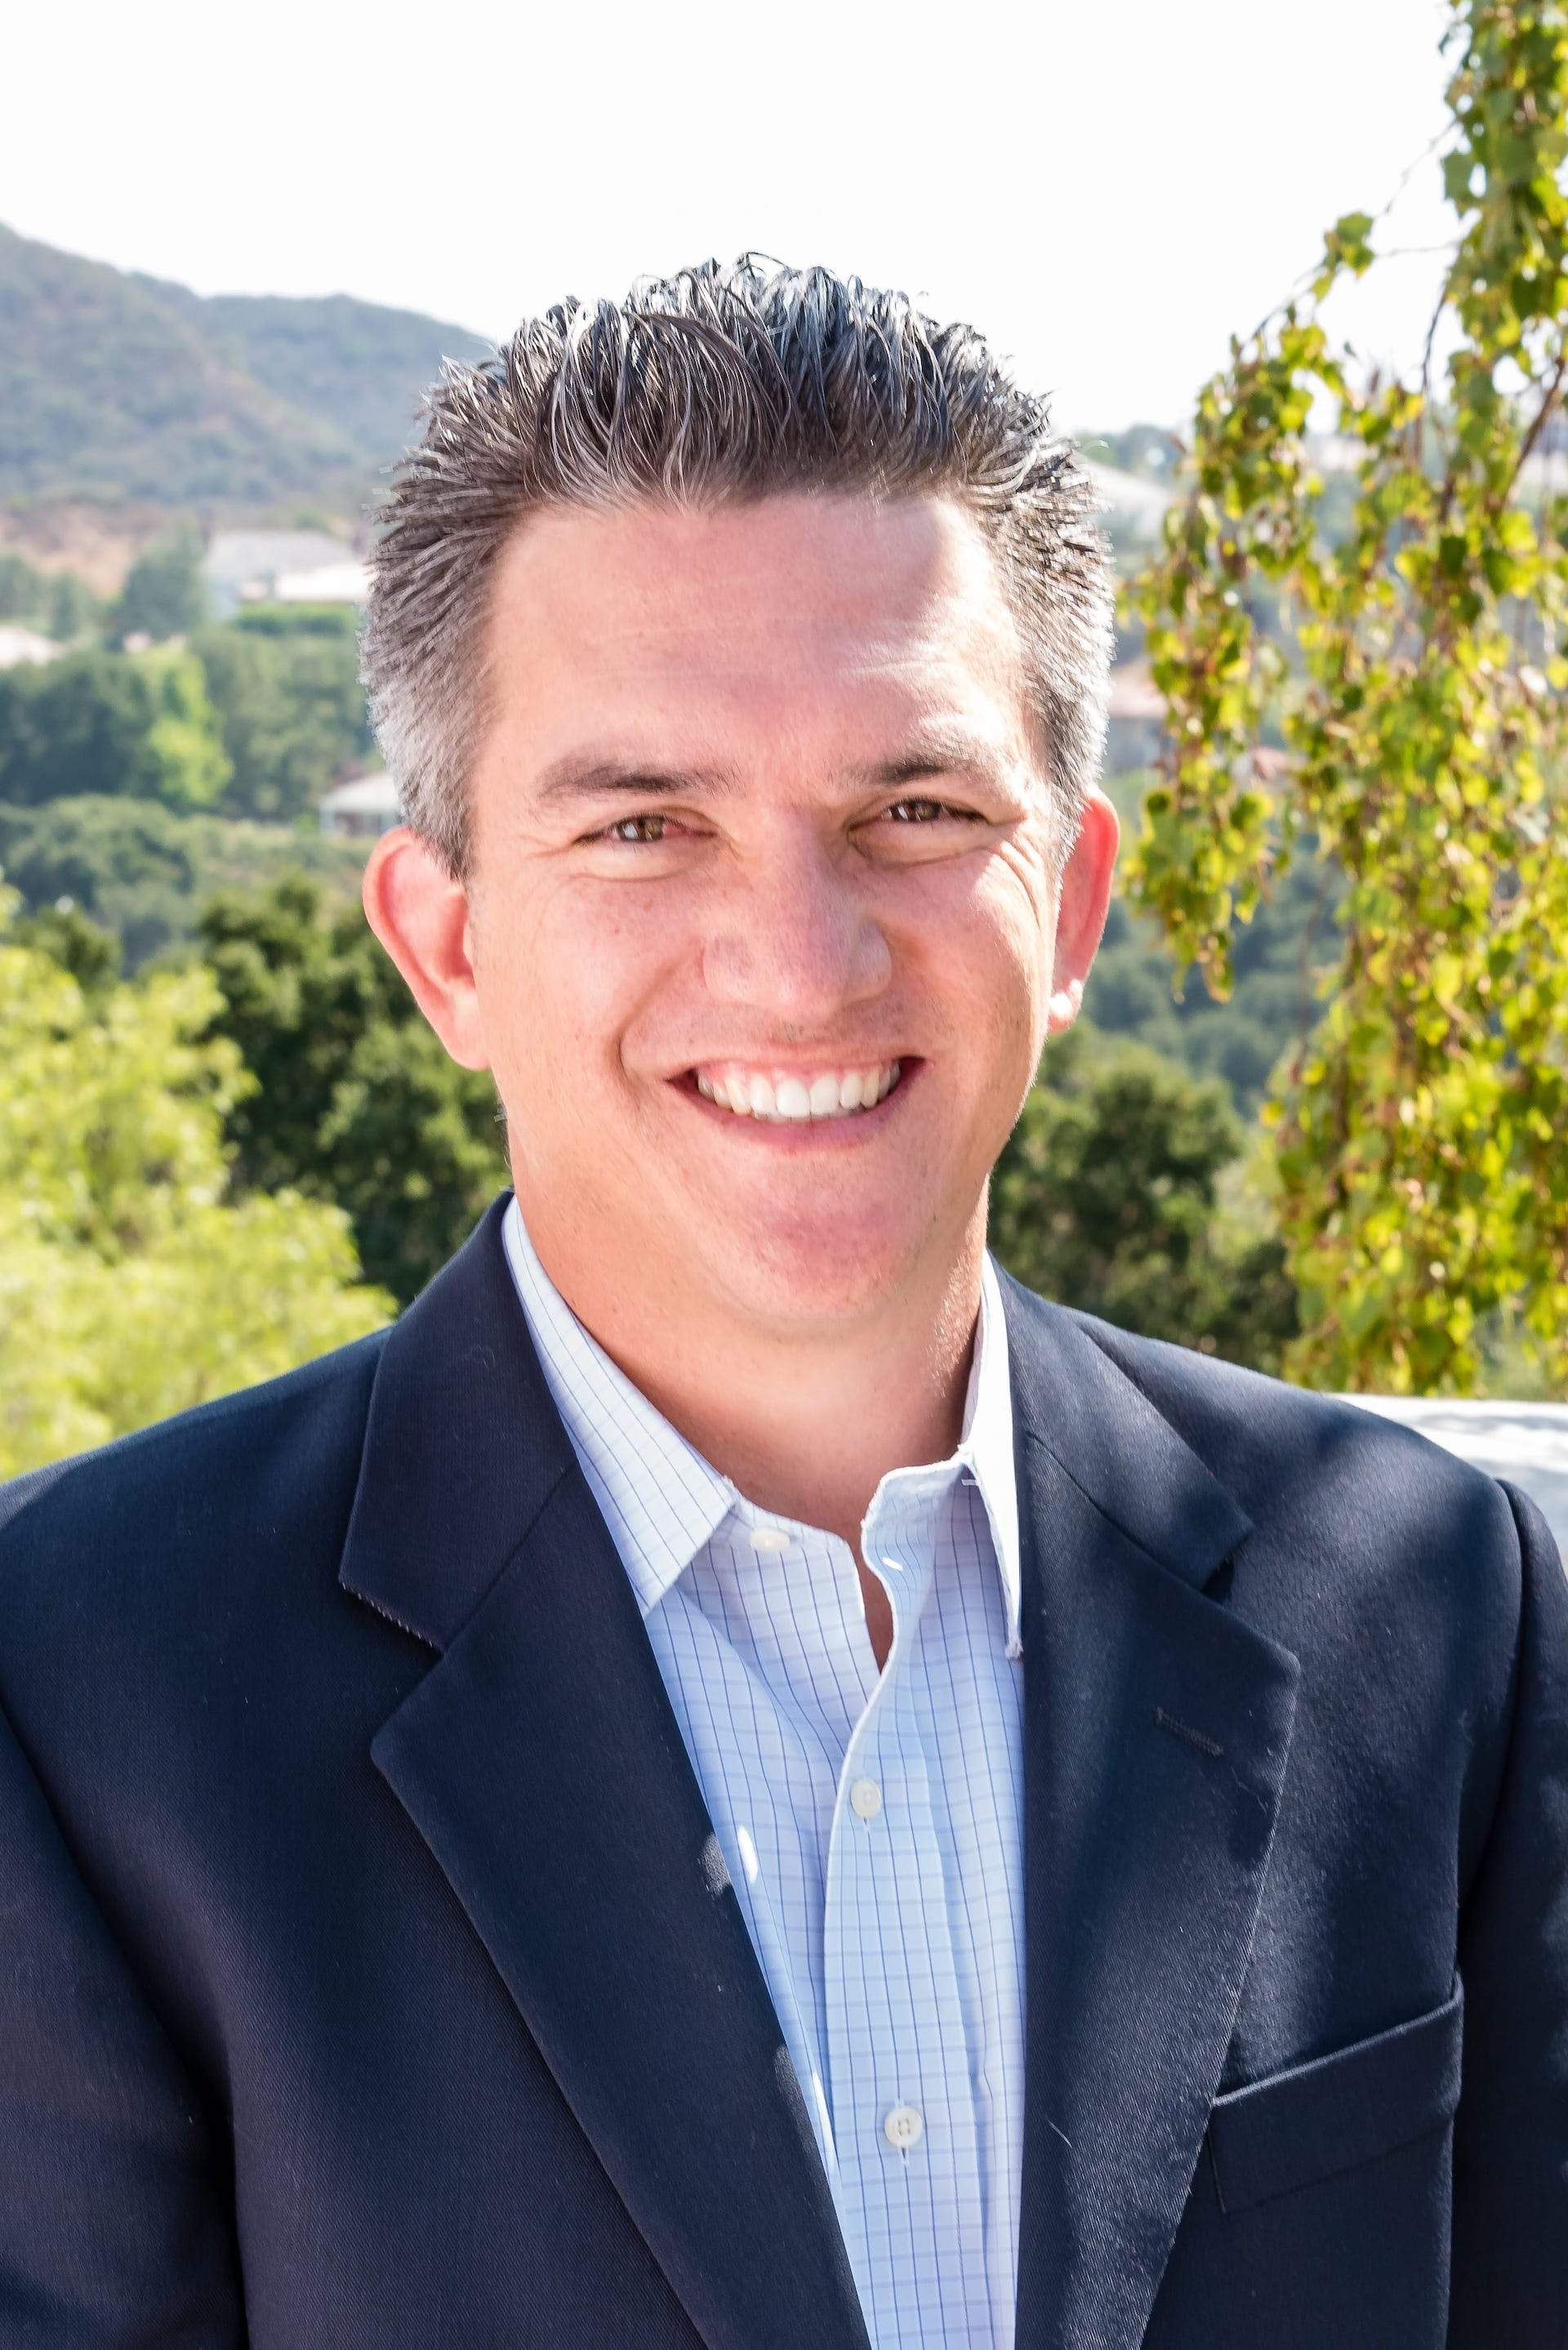 David Bryant, CFP®